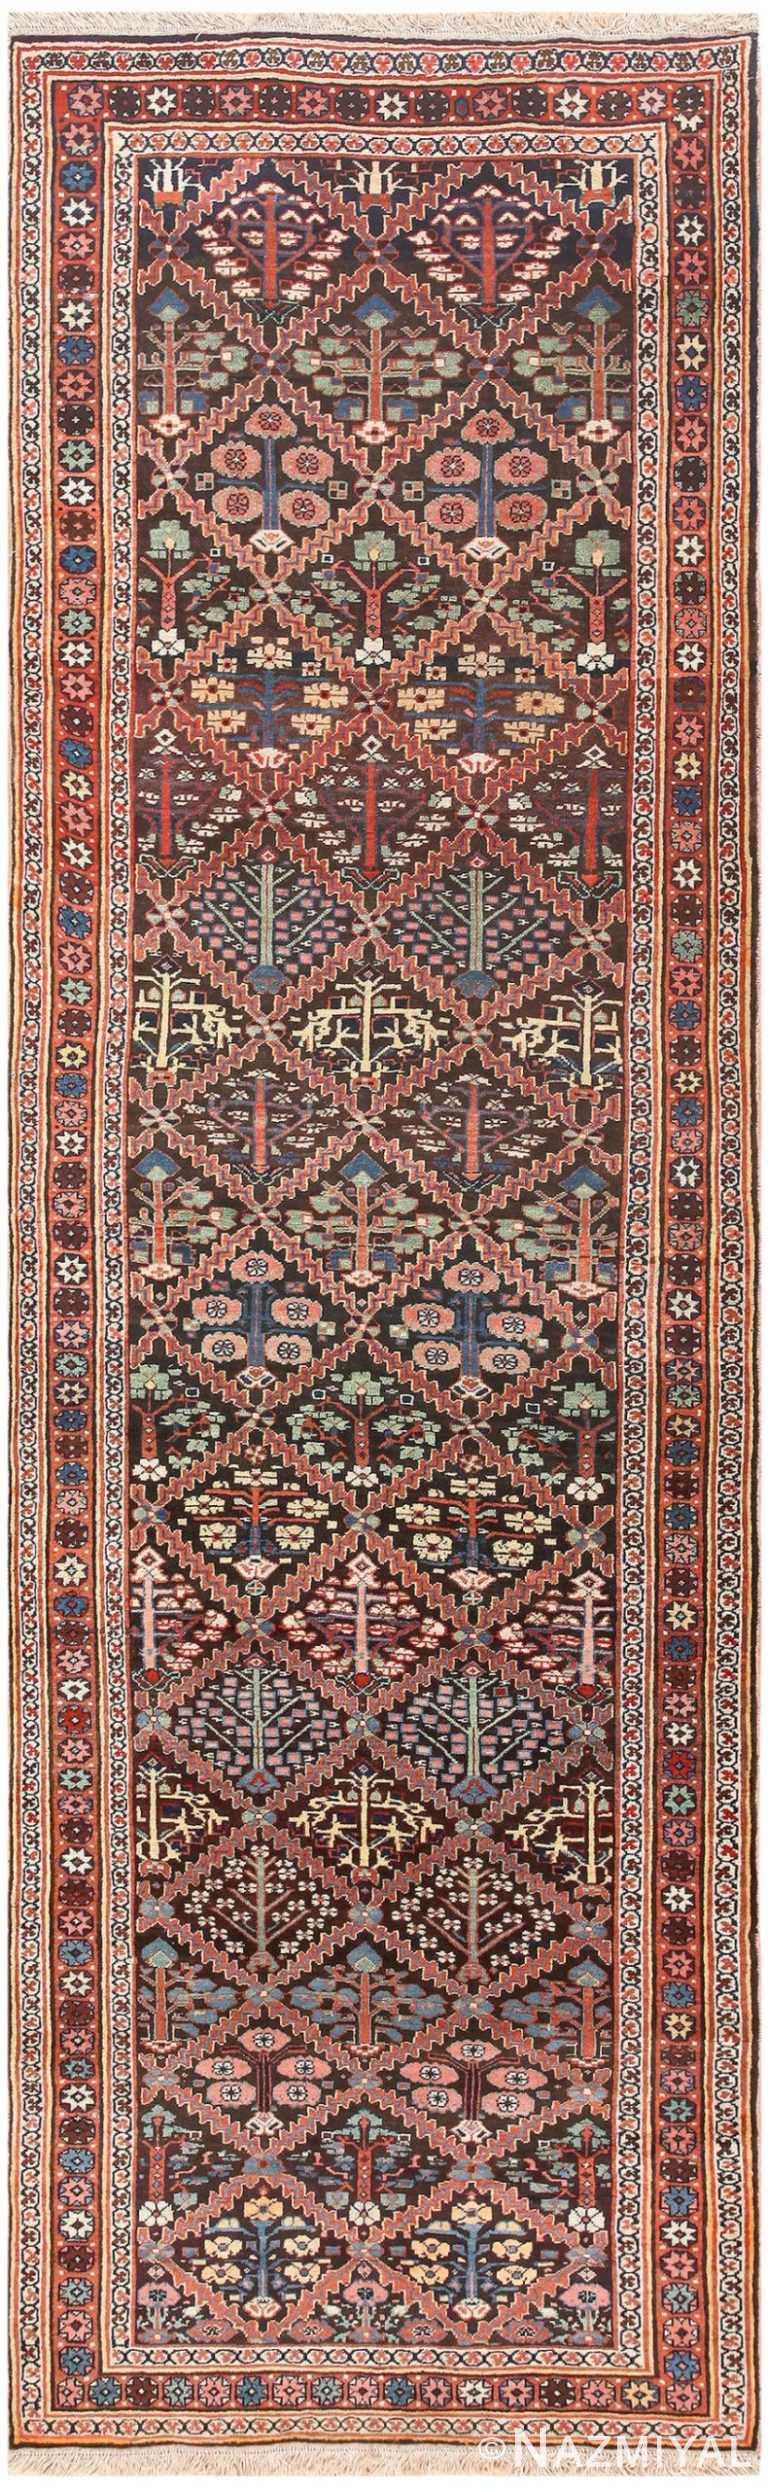 Vintage Persian Shrub Design Bidjar Carpet 50267 Nazmiyal